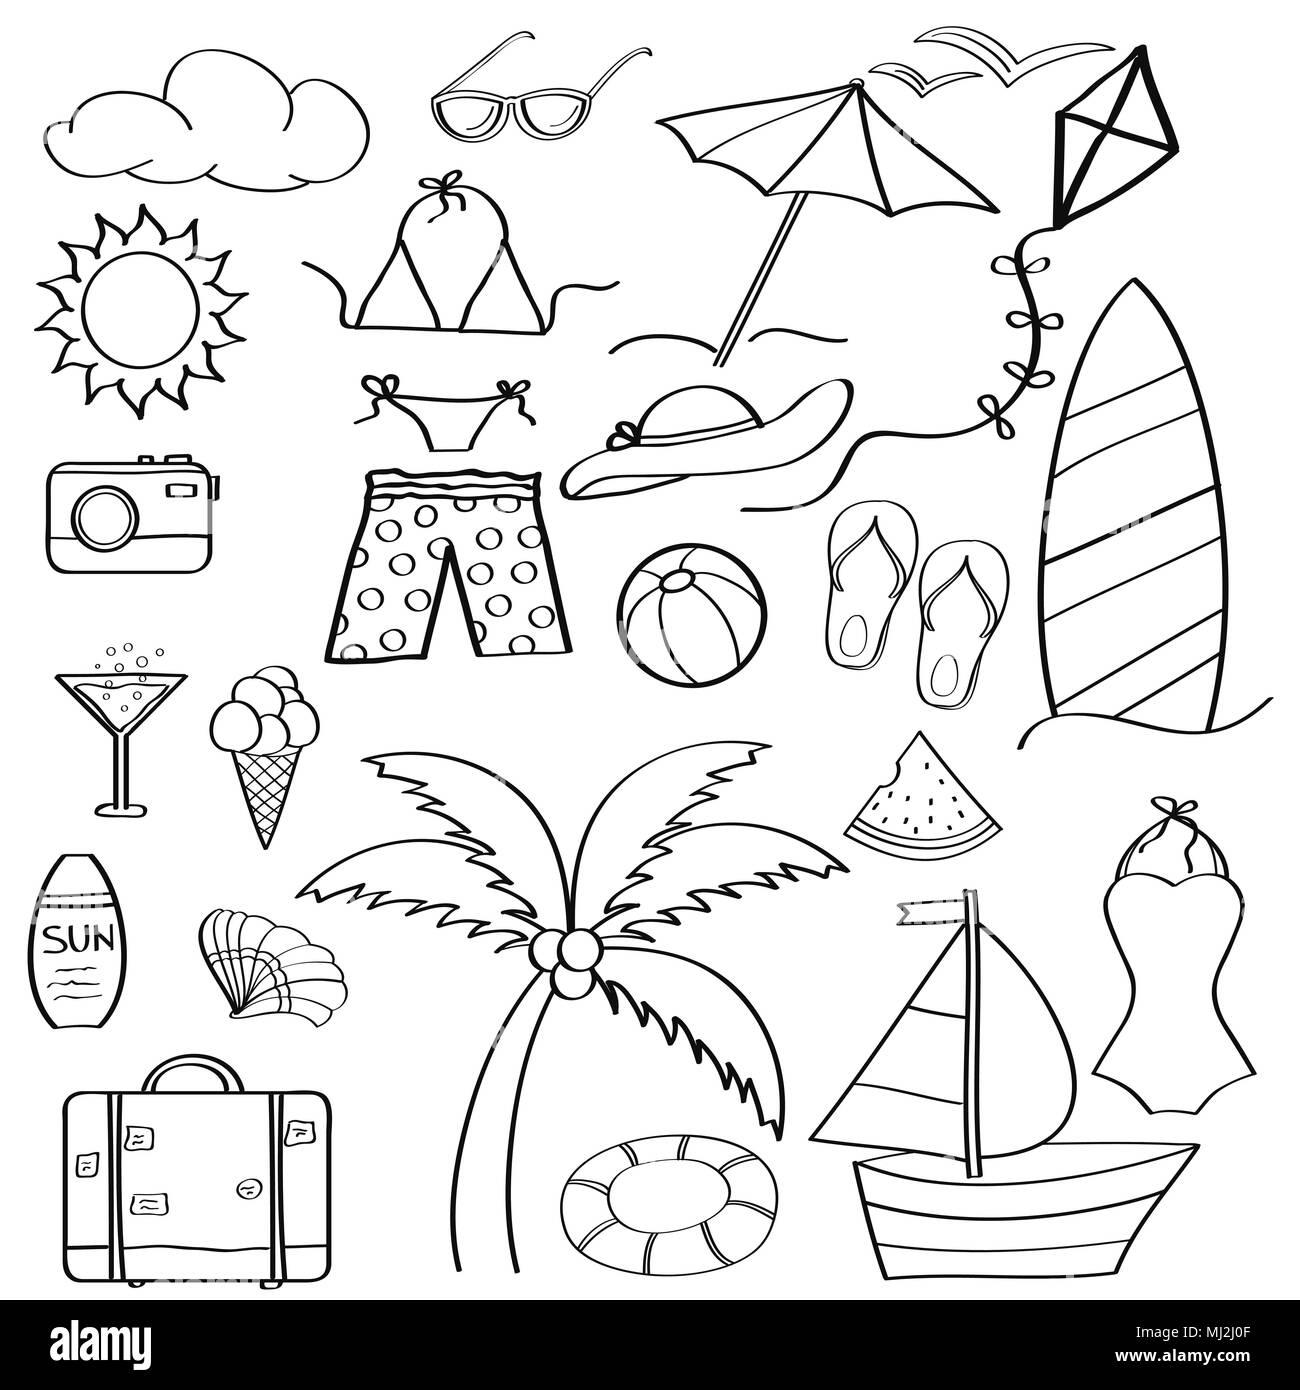 Doodle Cartoon Artículos Colección De Vacaciones De Verano Para